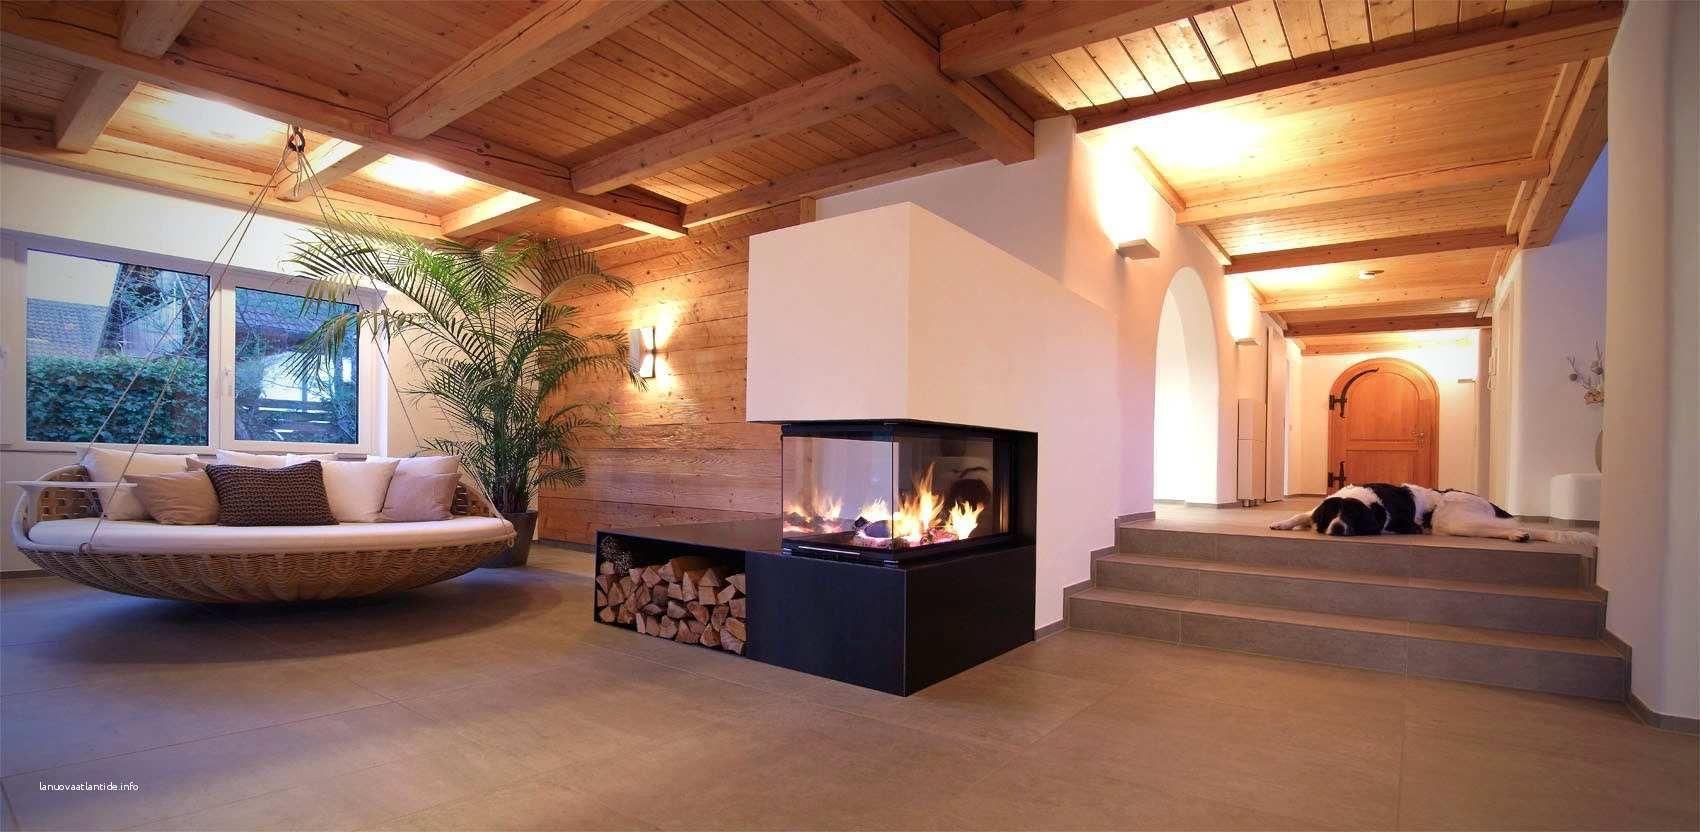 Luxus Wohnzimmer Modern Mit Kamin  Kamin wohnzimmer, Luxus